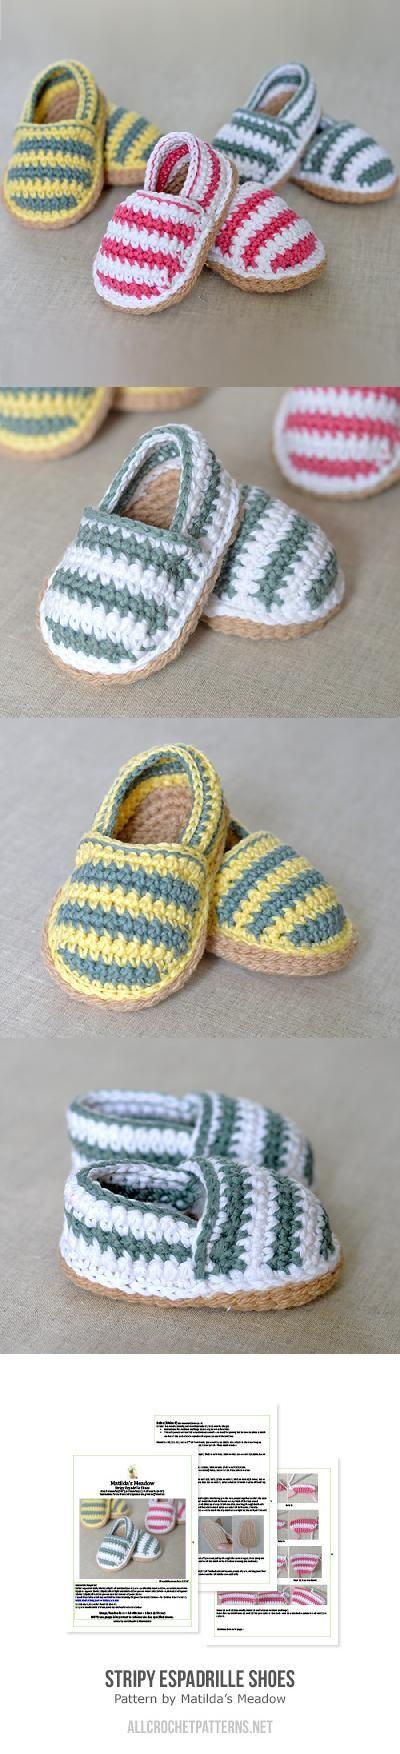 Stripy Espadrille Shoes Crochet Pattern ☂ᙓᖇᗴᔕᗩ ᖇᙓᔕ☂ᙓᘐᘎᓮ http://www.pinterest.com/teretegui